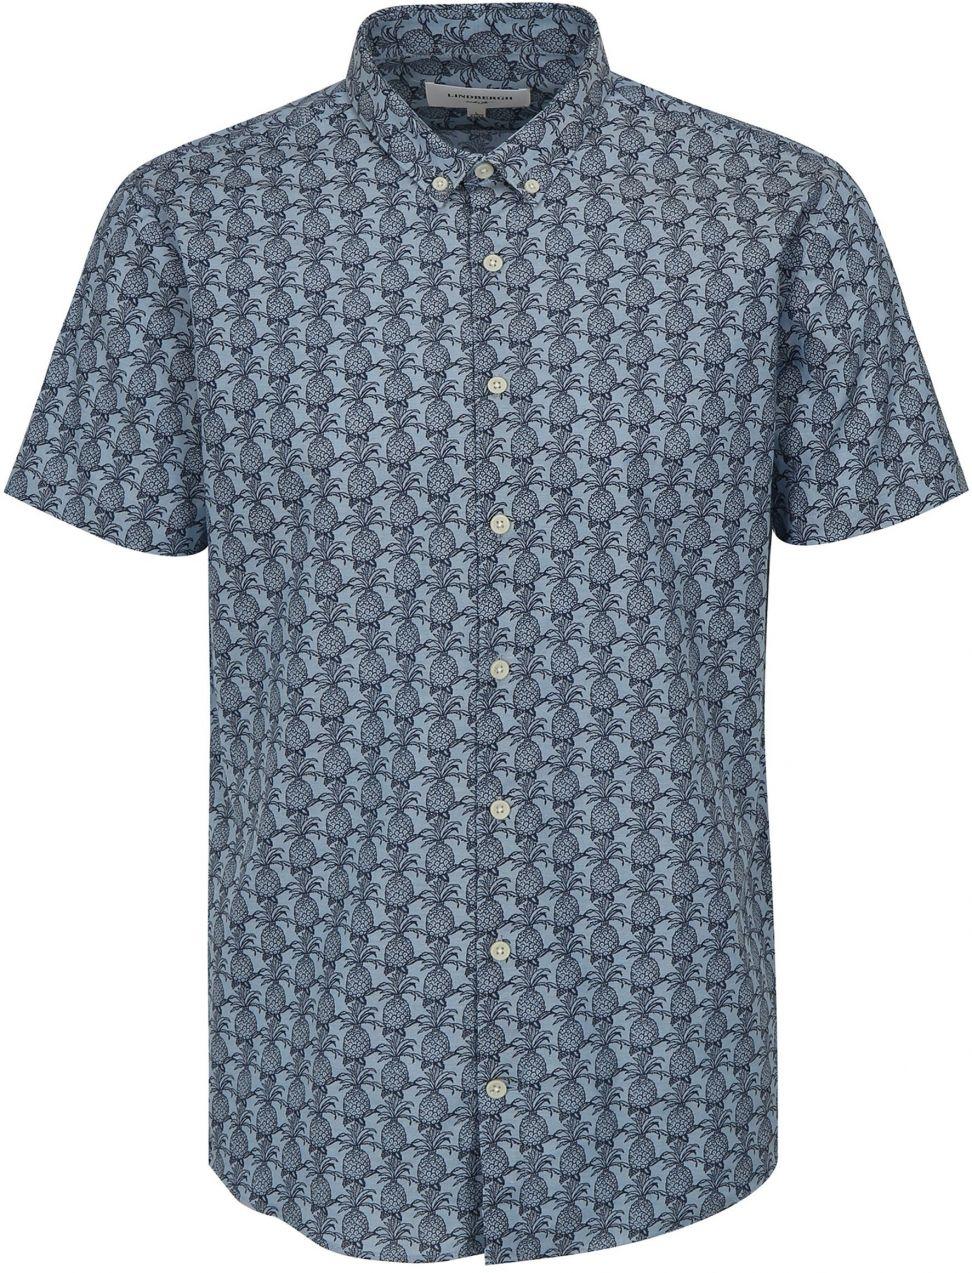 978567e24e96 Svetlomodrá vzorovaná košeľa s krátkym rukávom Lindbergh značky ...